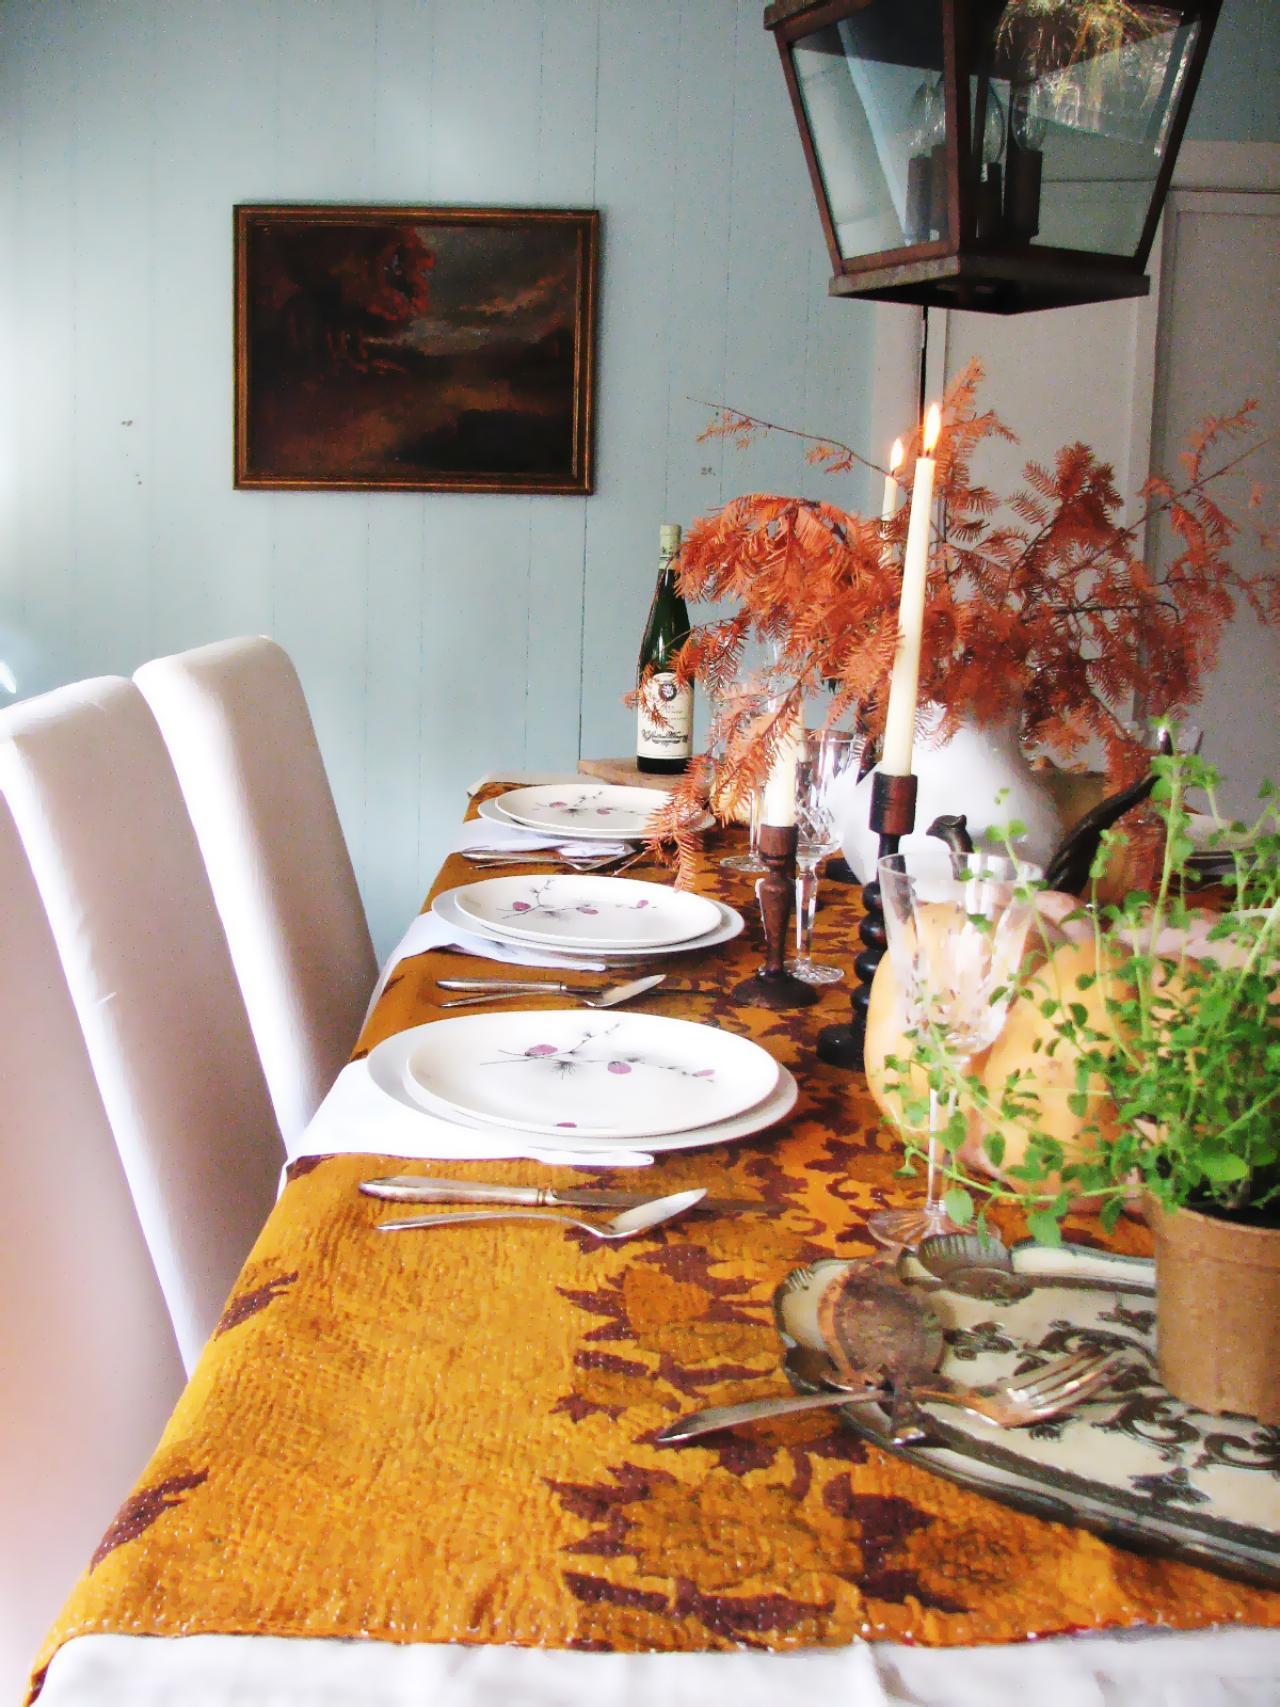 Прекрасный осенний декор в интерьере обеденной зоны